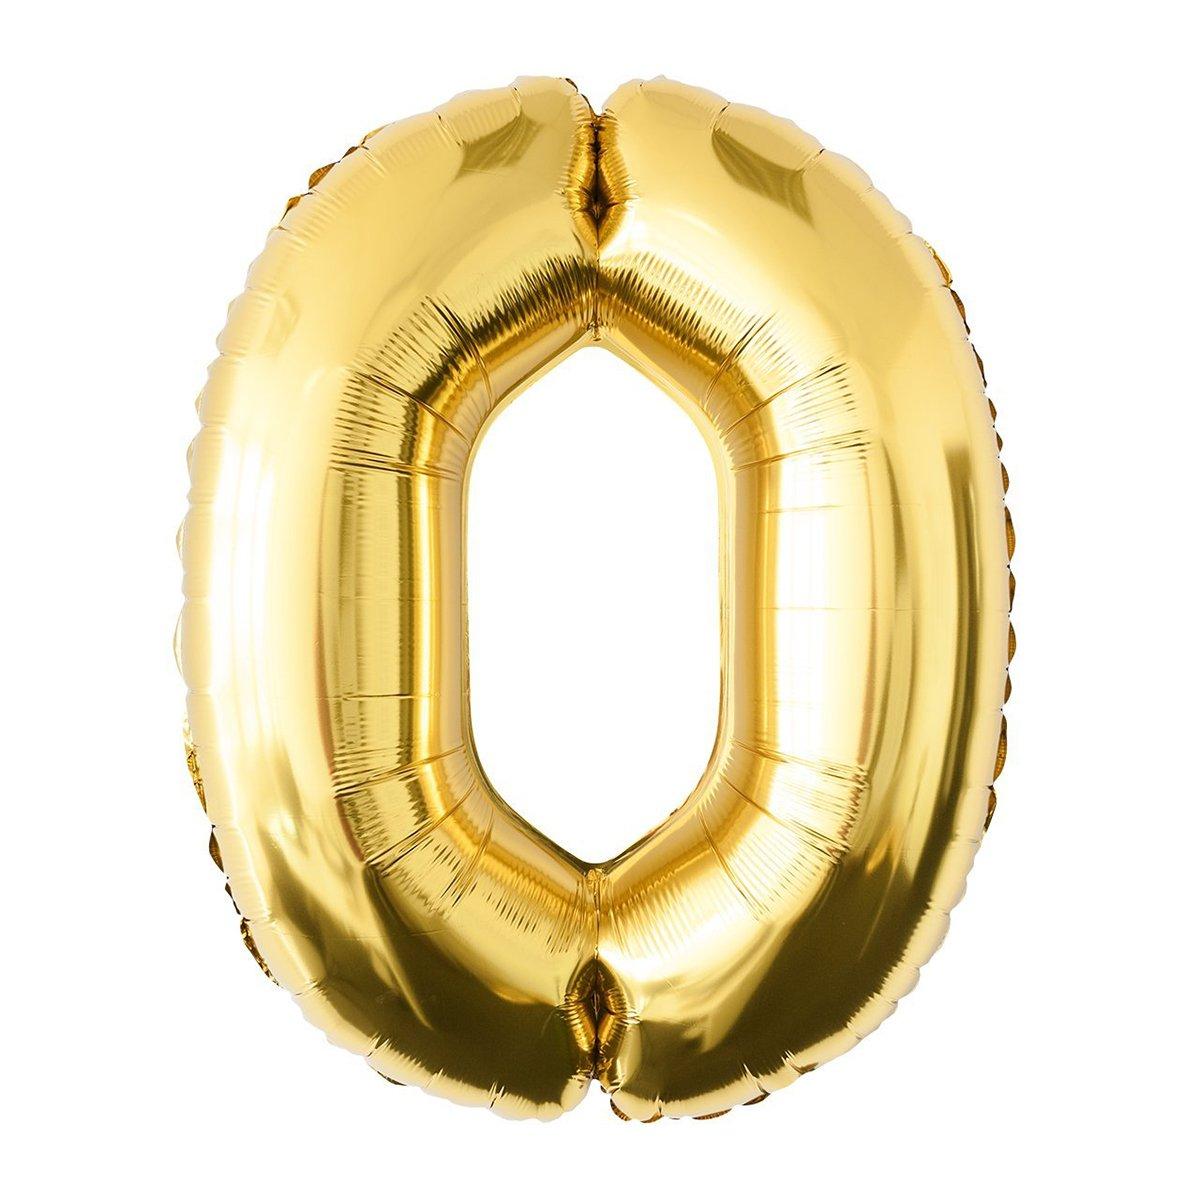 NUOLUX 52.49 pulgadas N/úmero de Oro 50o Globo Party Festival Decoraciones Cumplea/ños Aniversario Jumbo Foil Globos Suministros de Fiesta Foto Accesorios